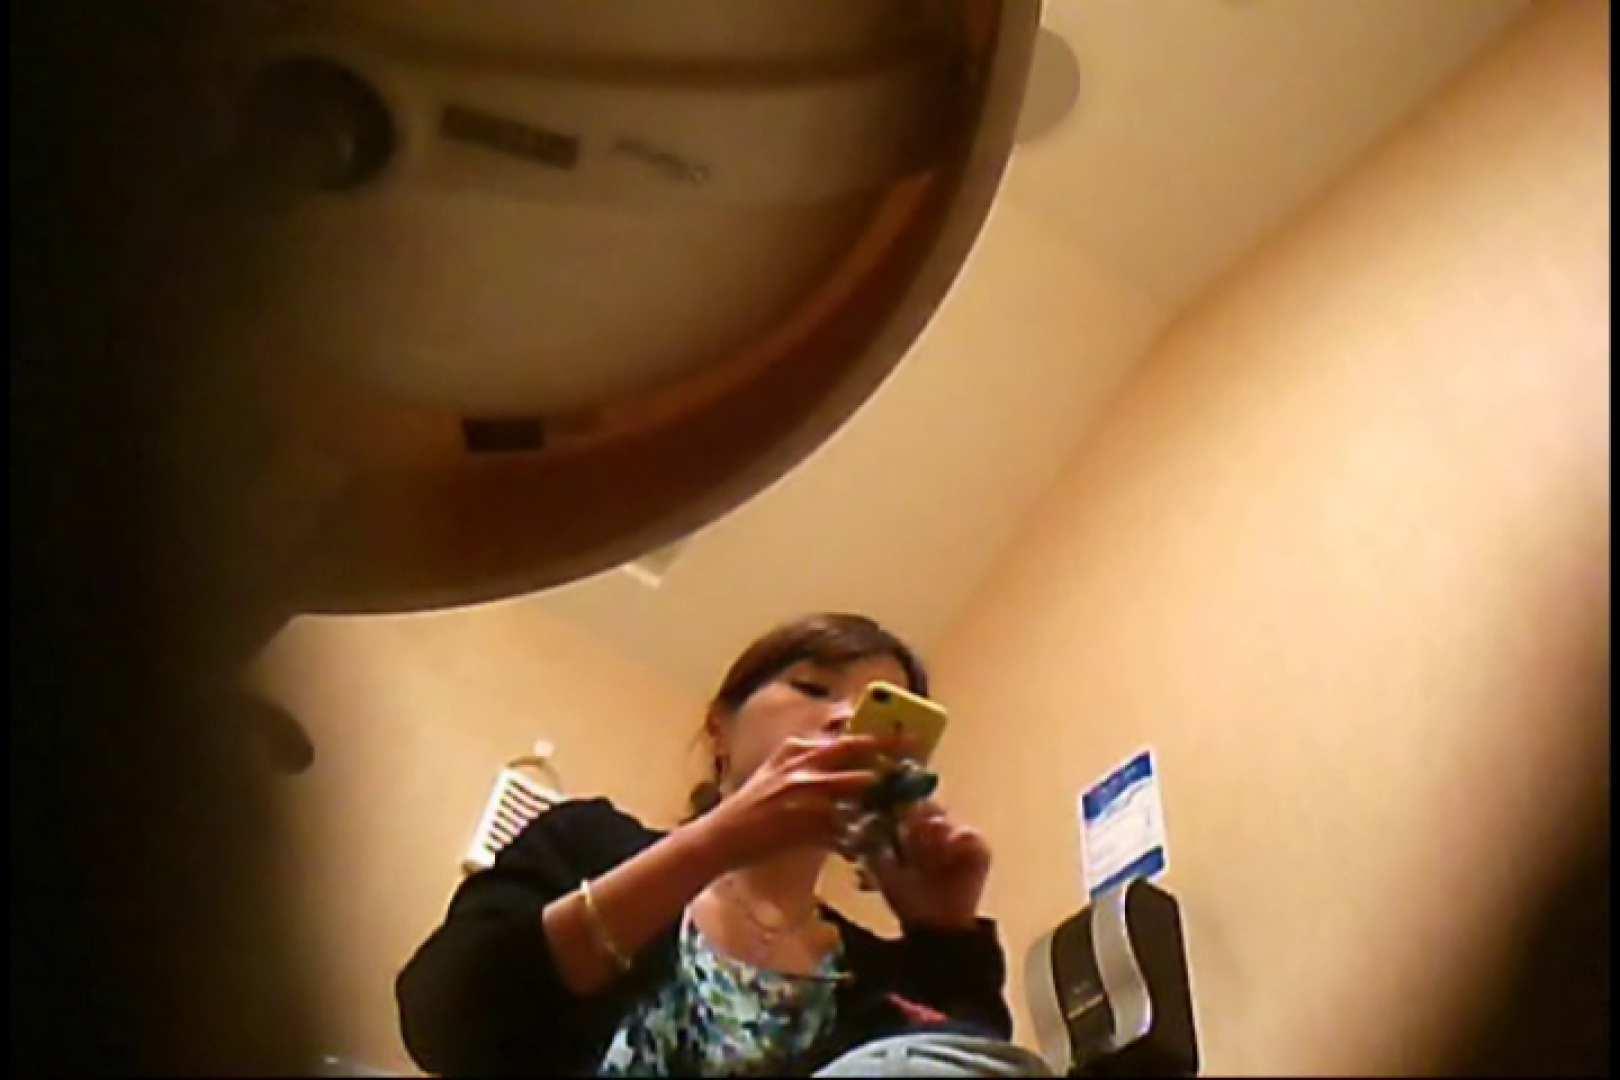 潜入!!女子化粧室盗撮~絶対見られたくない時間~vo,25 お尻 盗撮動画紹介 50枚 23